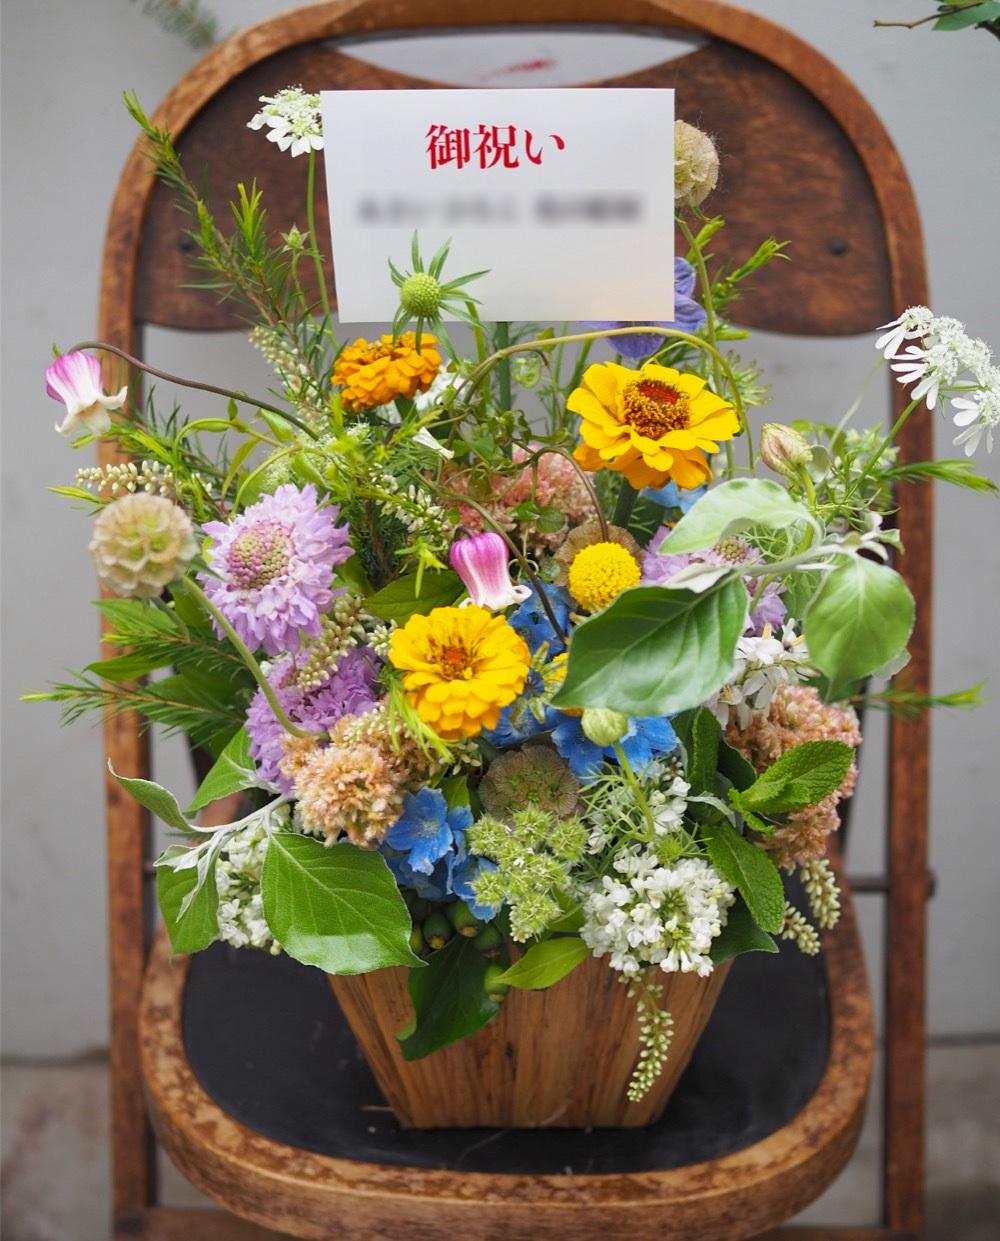 野に咲く花々の水彩画展へ 個展開催祝い花